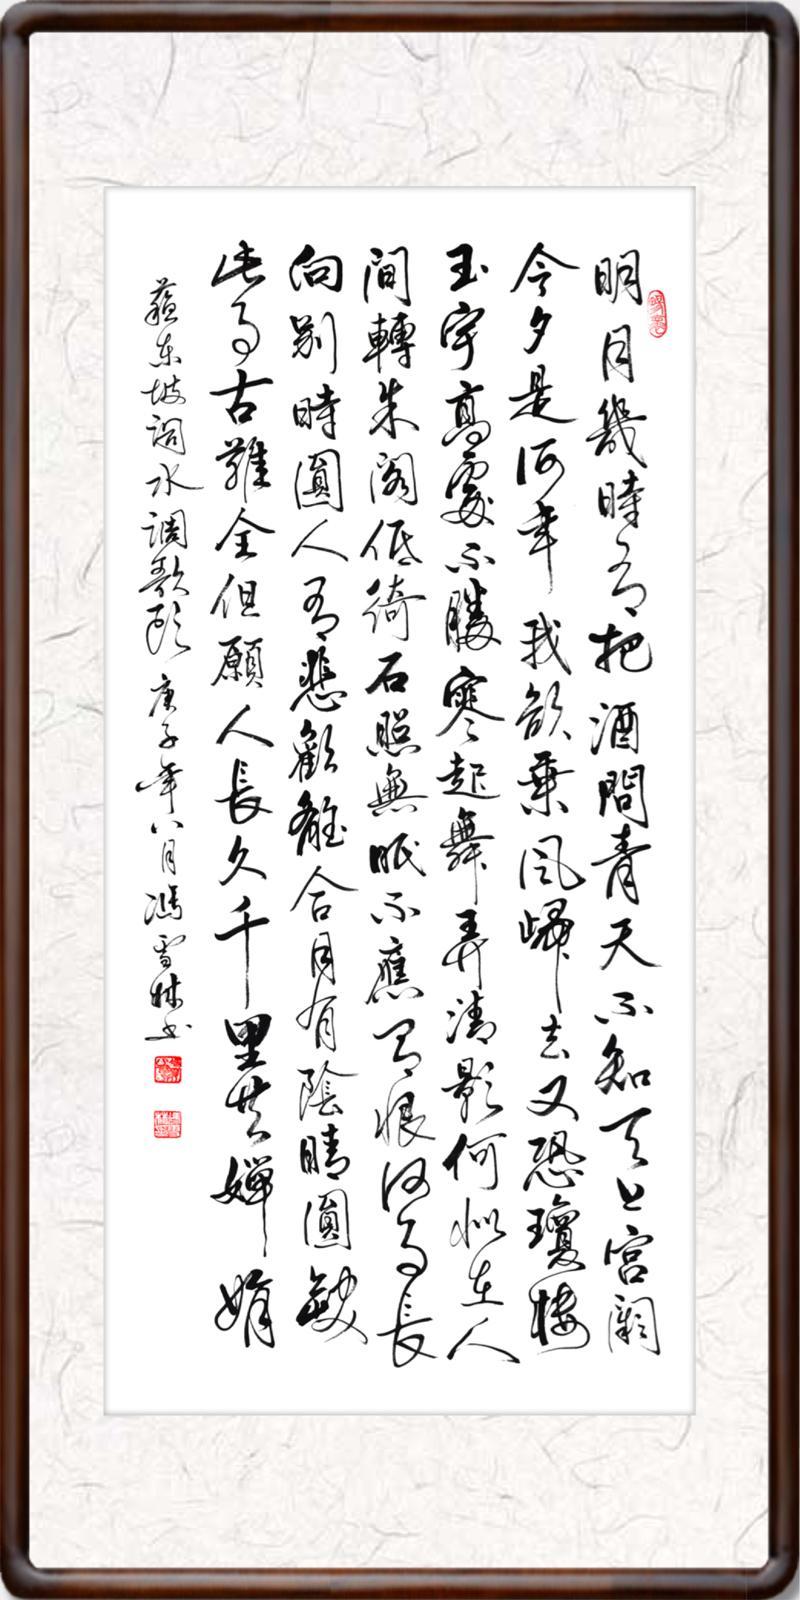 苏轼词水调歌头明月几时有书法作品欣赏